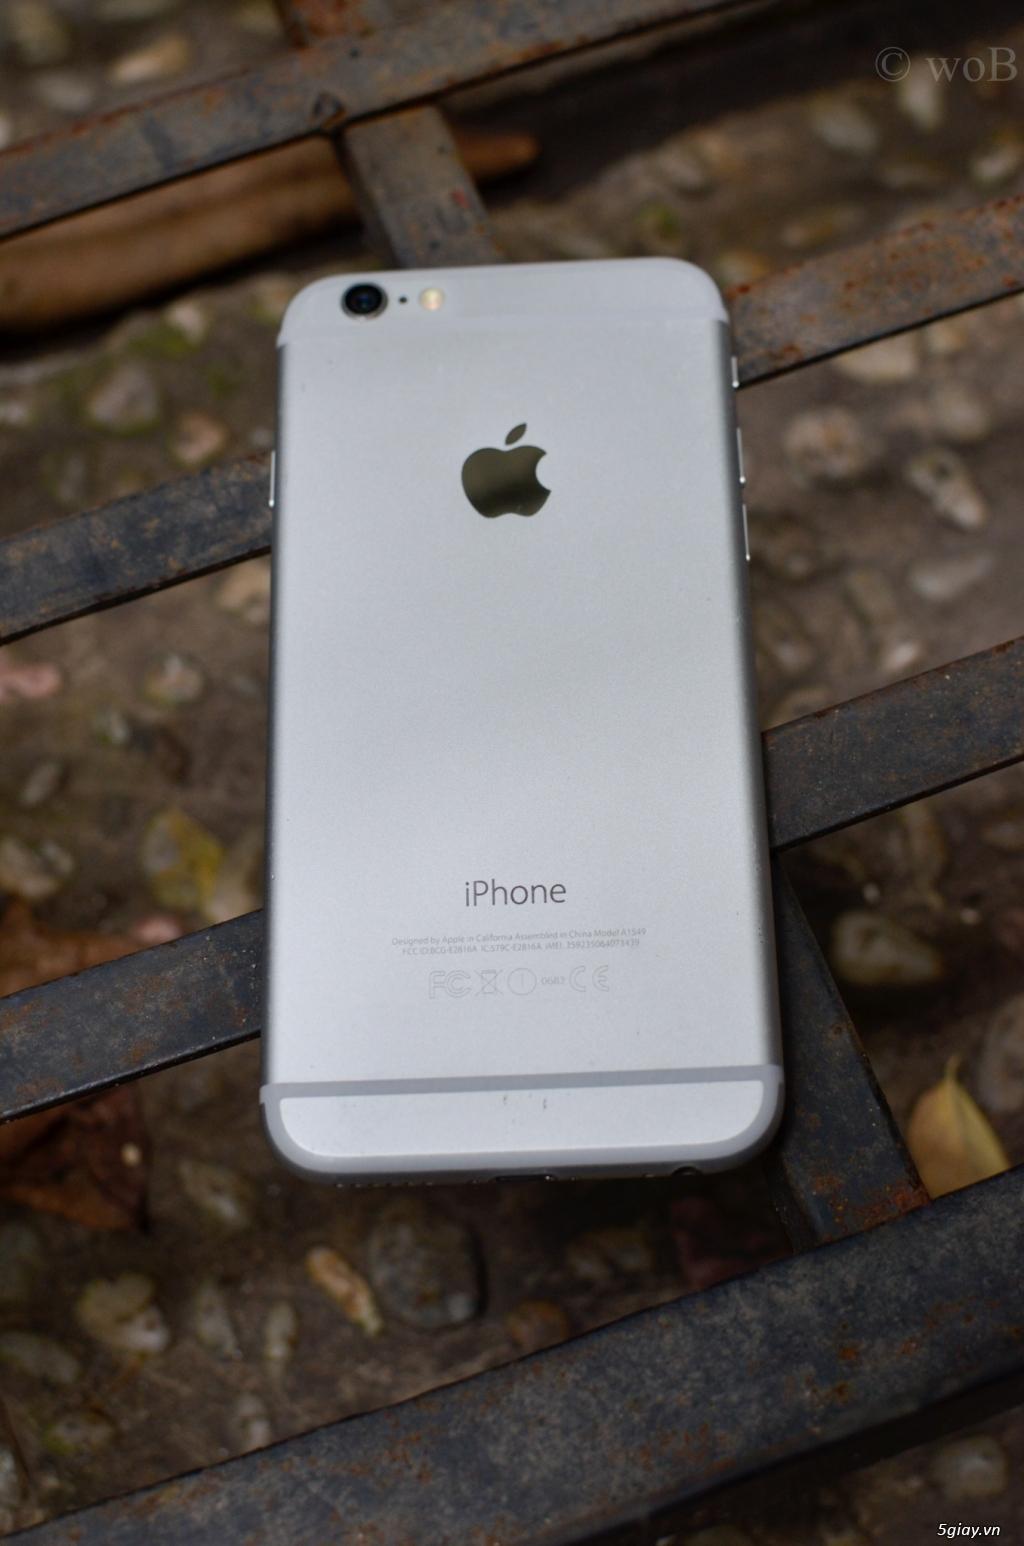 CẦN BÁN IPHONE 6 (64GB) MÀU BẠC, BẢN QUỐC TẾ - 4